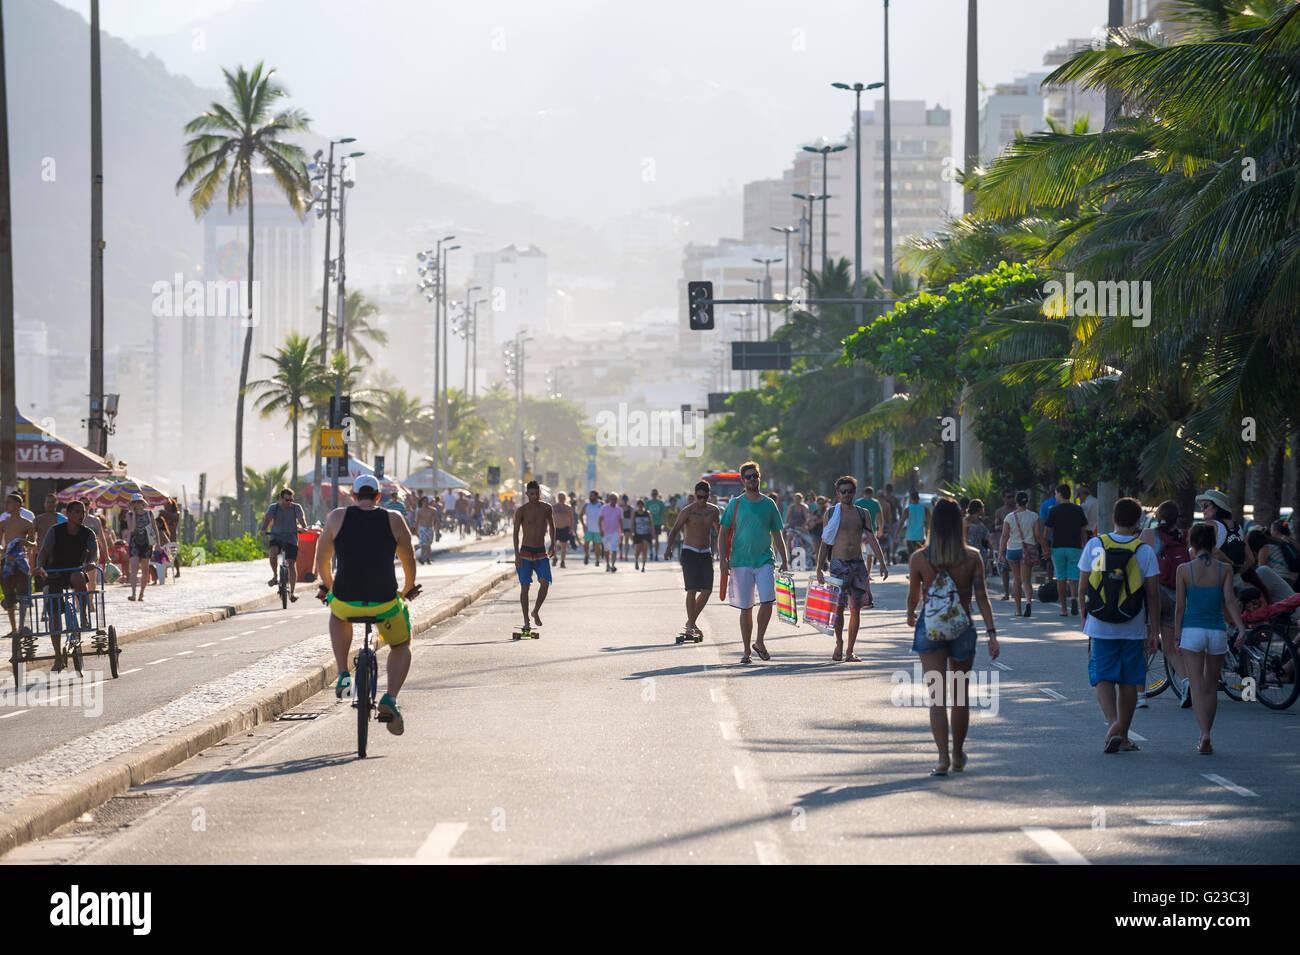 RIO DE JANEIRO - MARCH 6, 2016: Cyclists share the car-free Avenida Vieira Souto street with pedestrians at Ipanema - Stock Image